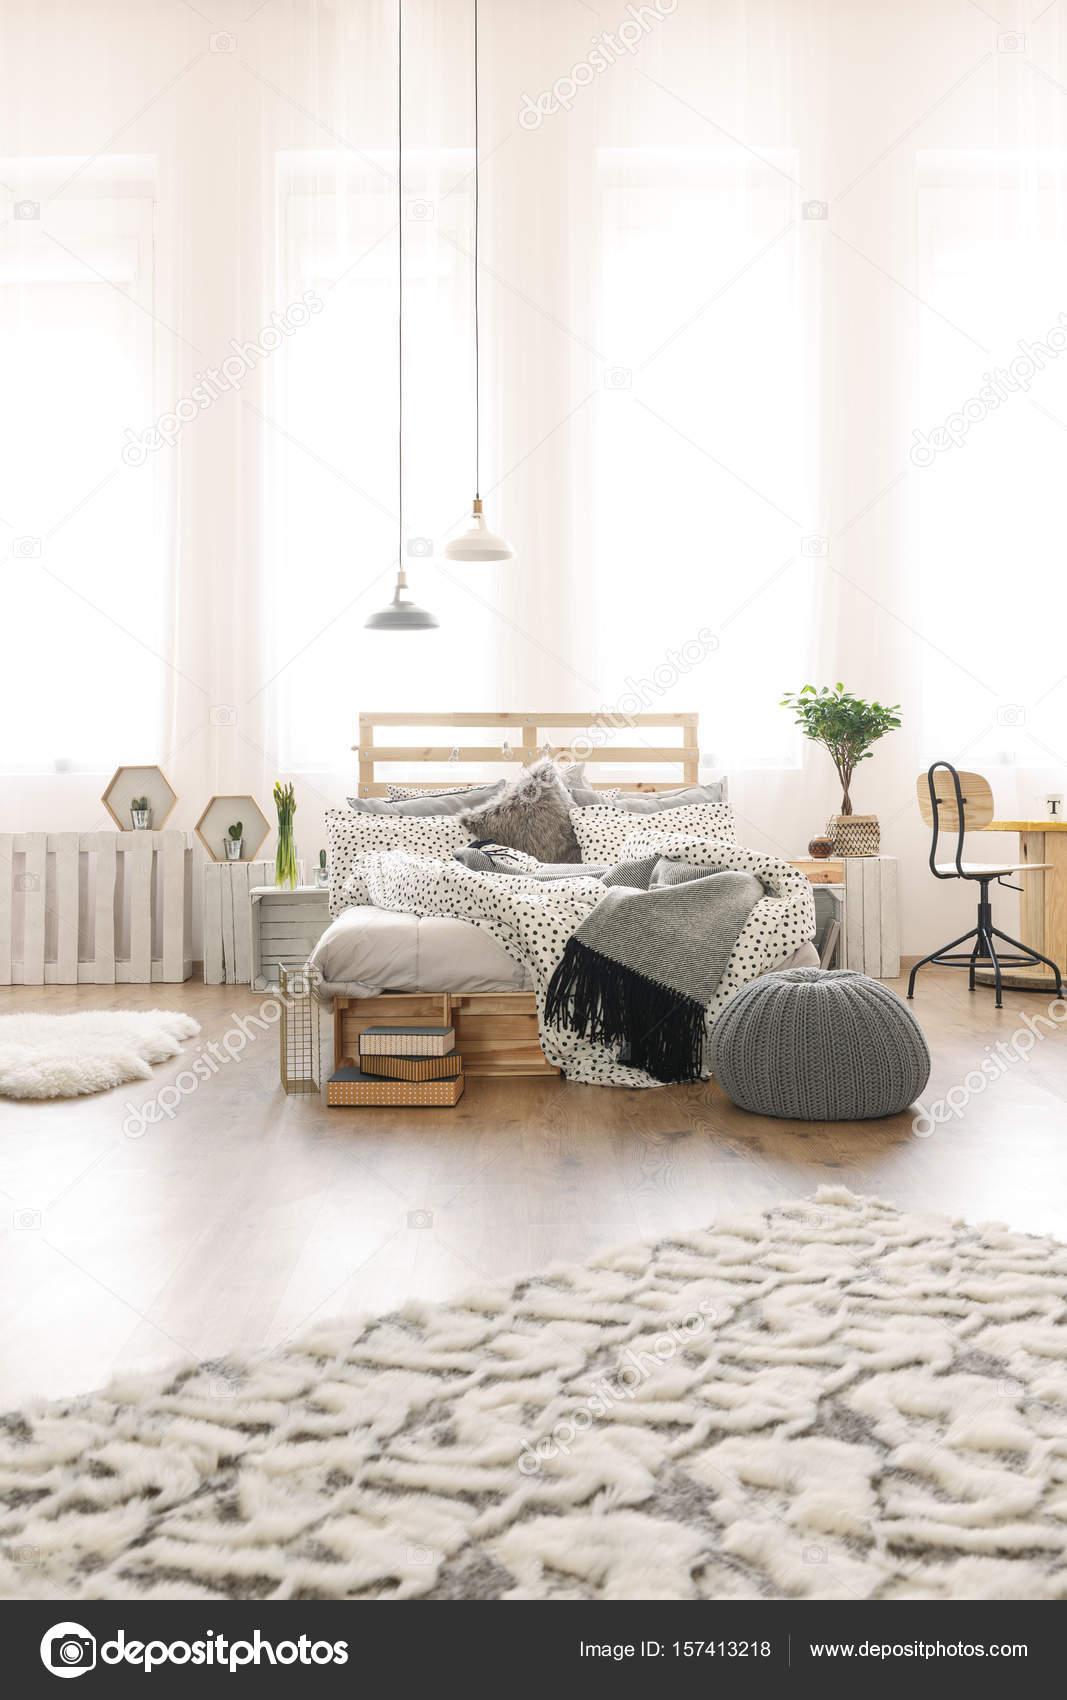 schlafzimmer mit bett diy-palette — stockfoto © photographee.eu